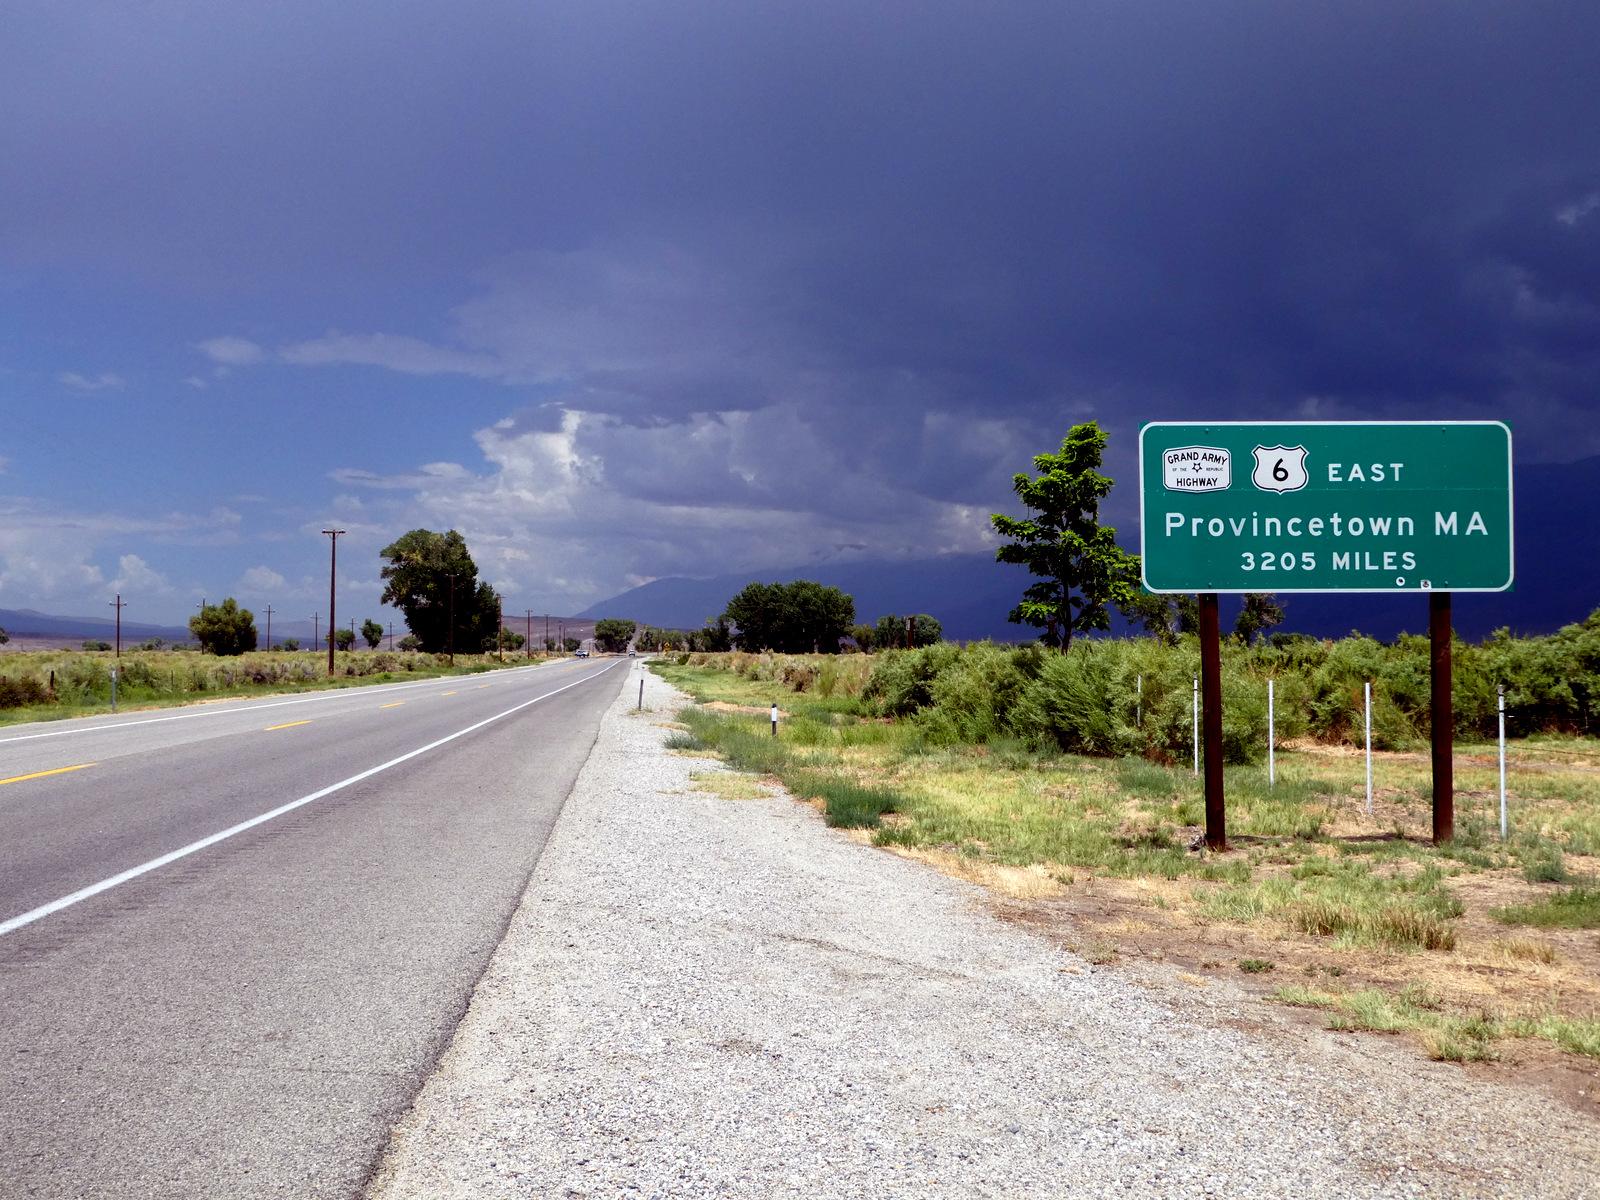 U.S. Route 6 - Bishop, California U.S.A. - July 11, 2018